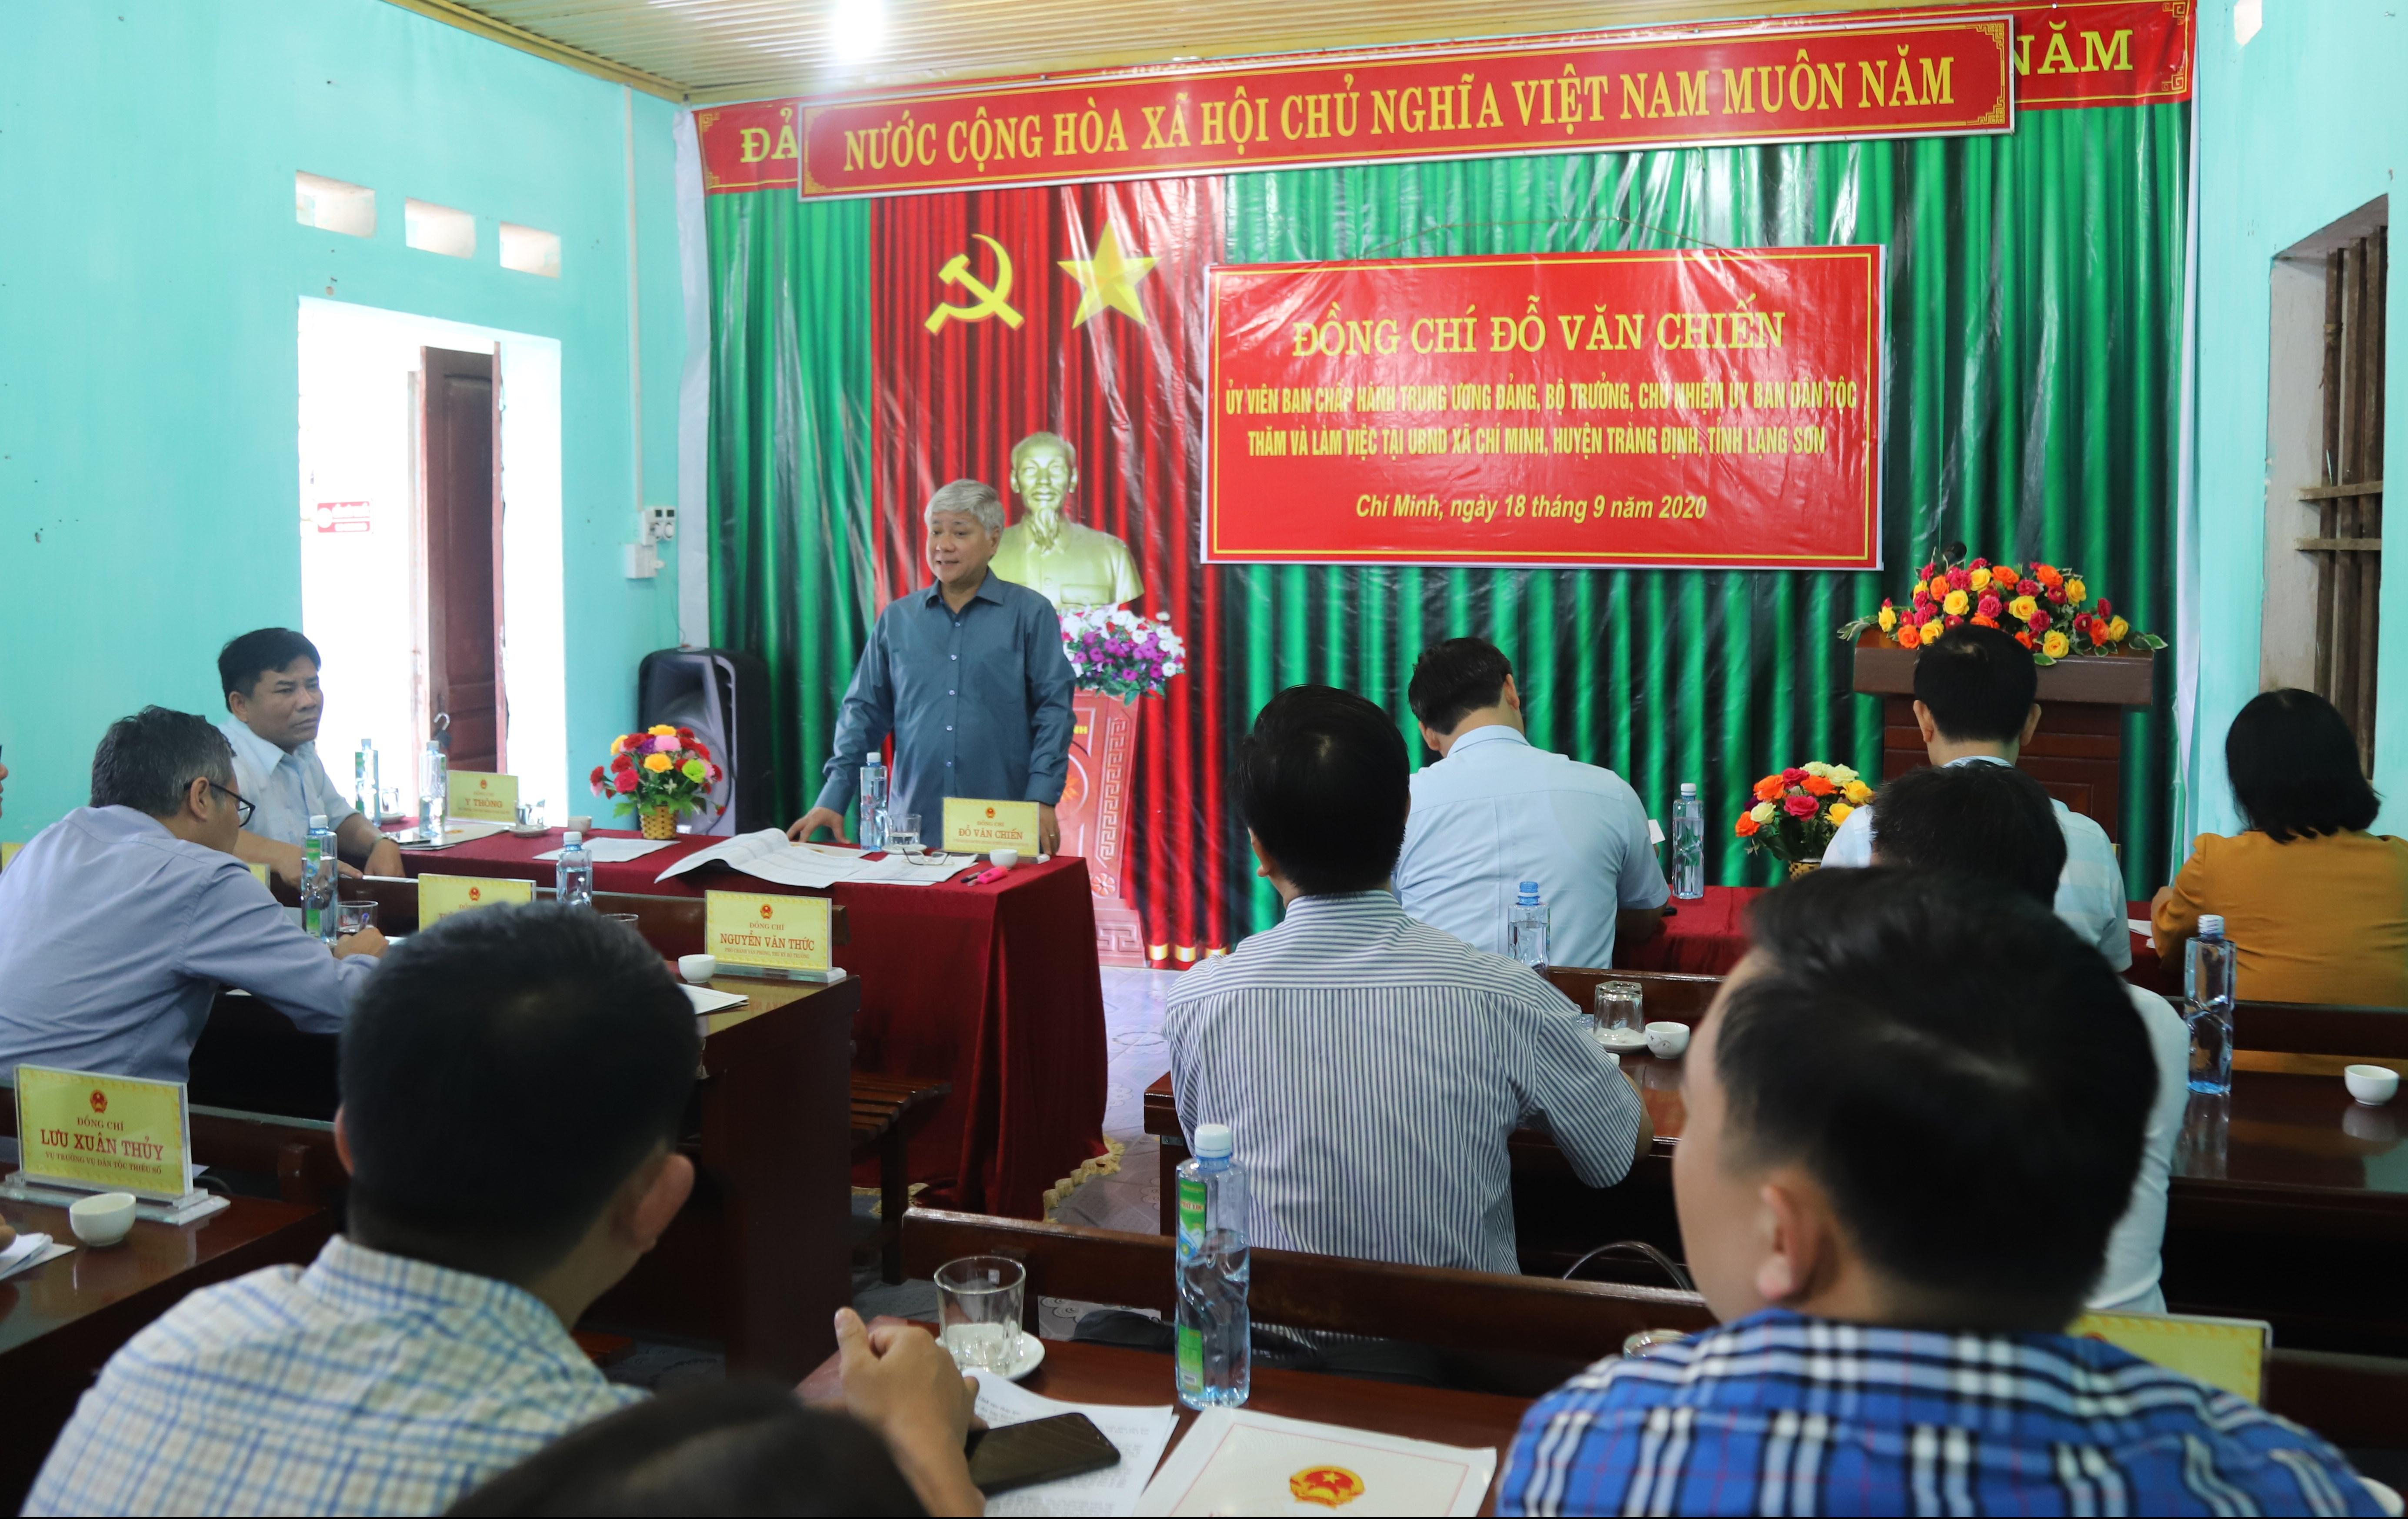 Bộ trưởng, Chủ nhiệm Đỗ Văn Chiến phát biểu tại buổi làm việc với xã Chí Minh, huyện Tràng Định, tỉnh Lạng Sơn.